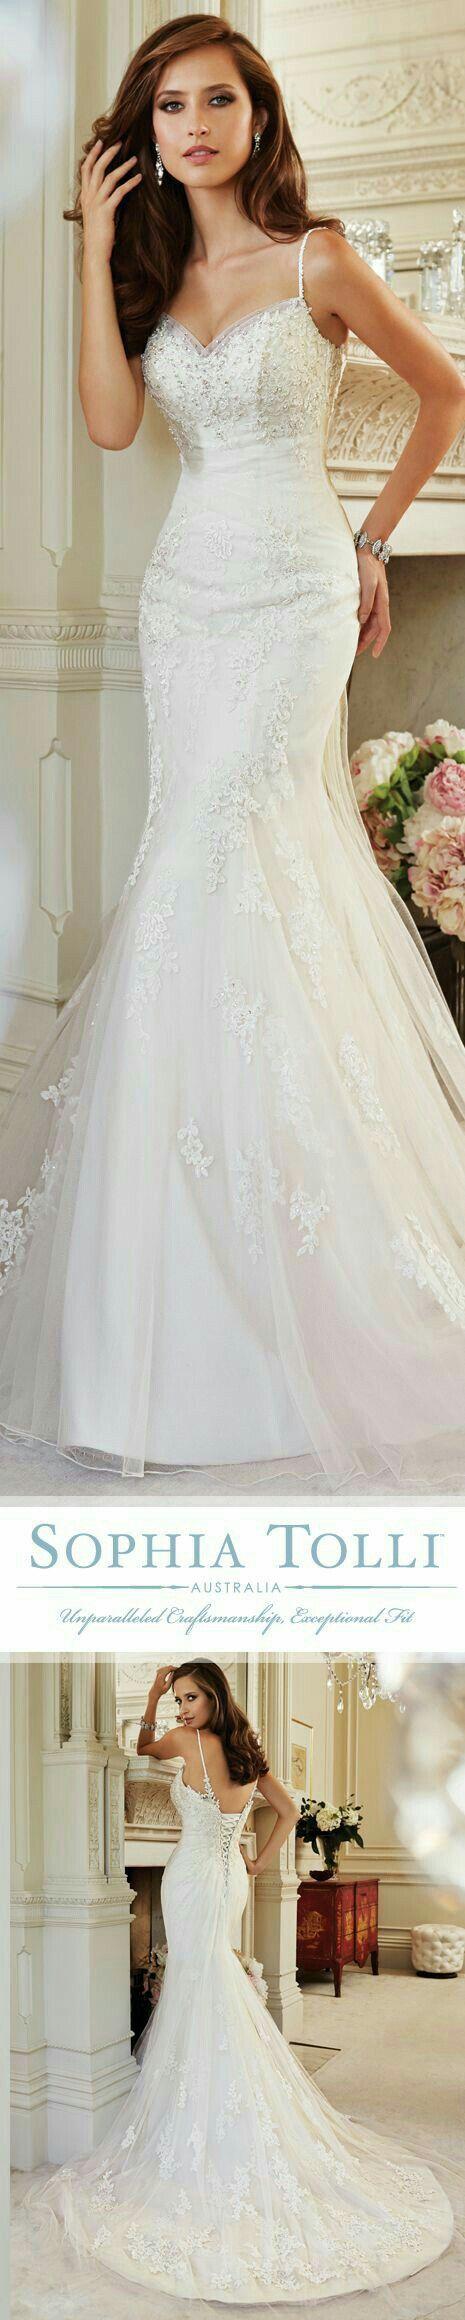 Pin von Shobs Color, Style & Healthyeats auf WhiTe & Serene! Wedding ...